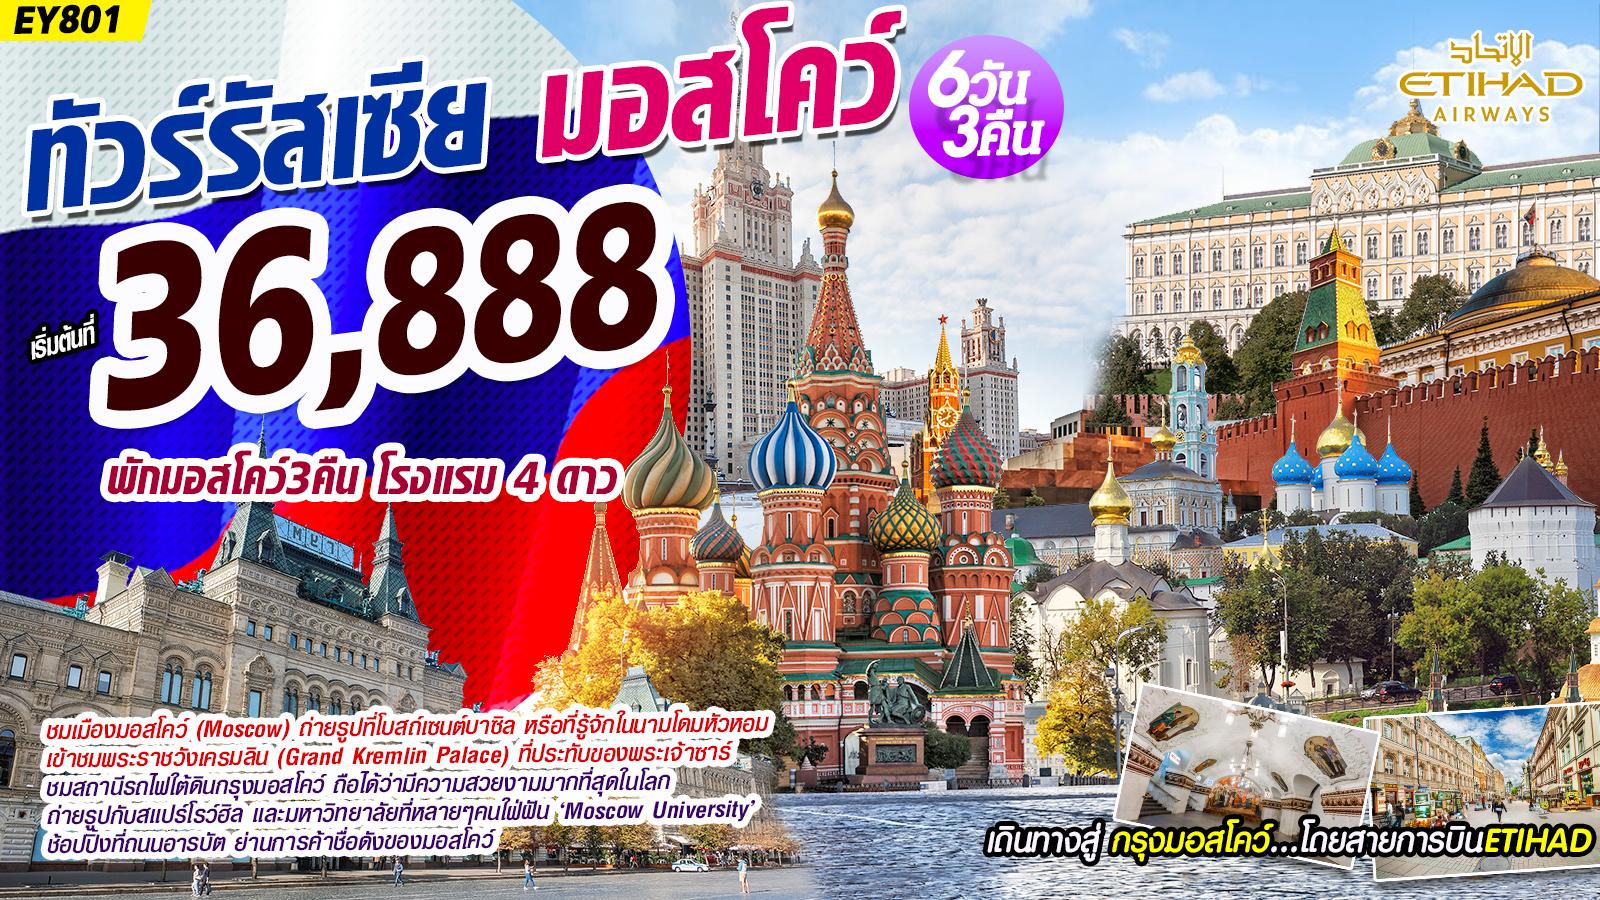 ทัวร์รัสเซีย Super Moscow รัสเซีย มอสโคว์ 6D3N